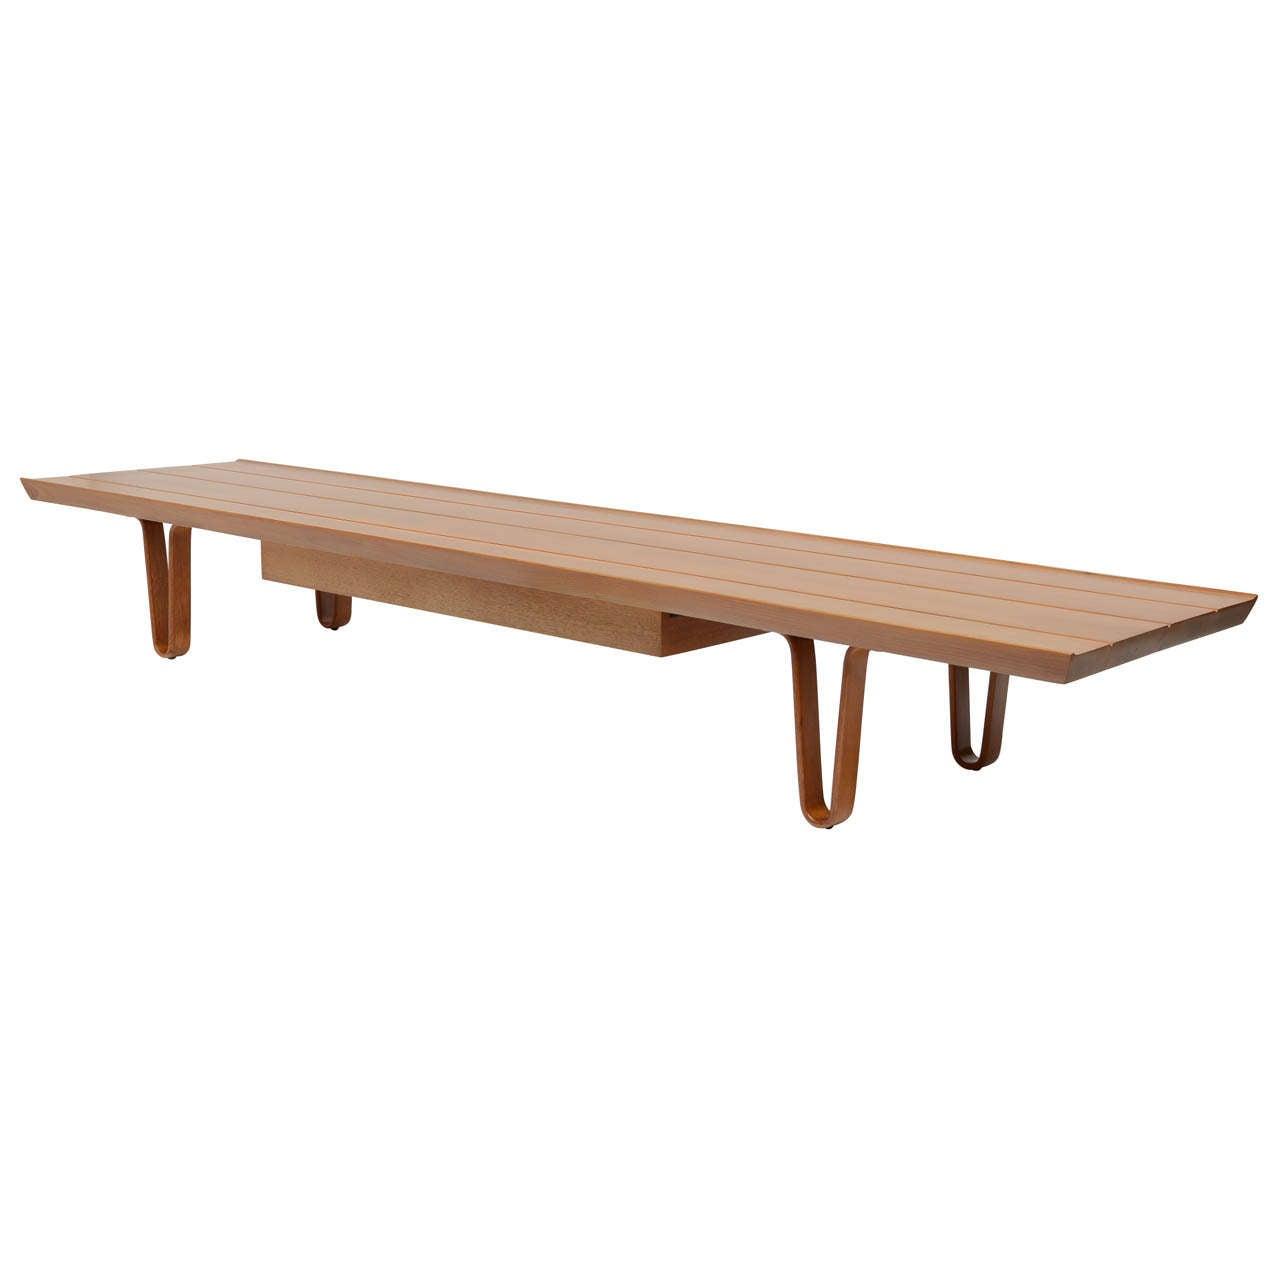 Edward Wormley Long John Bench Table at 1stdibs